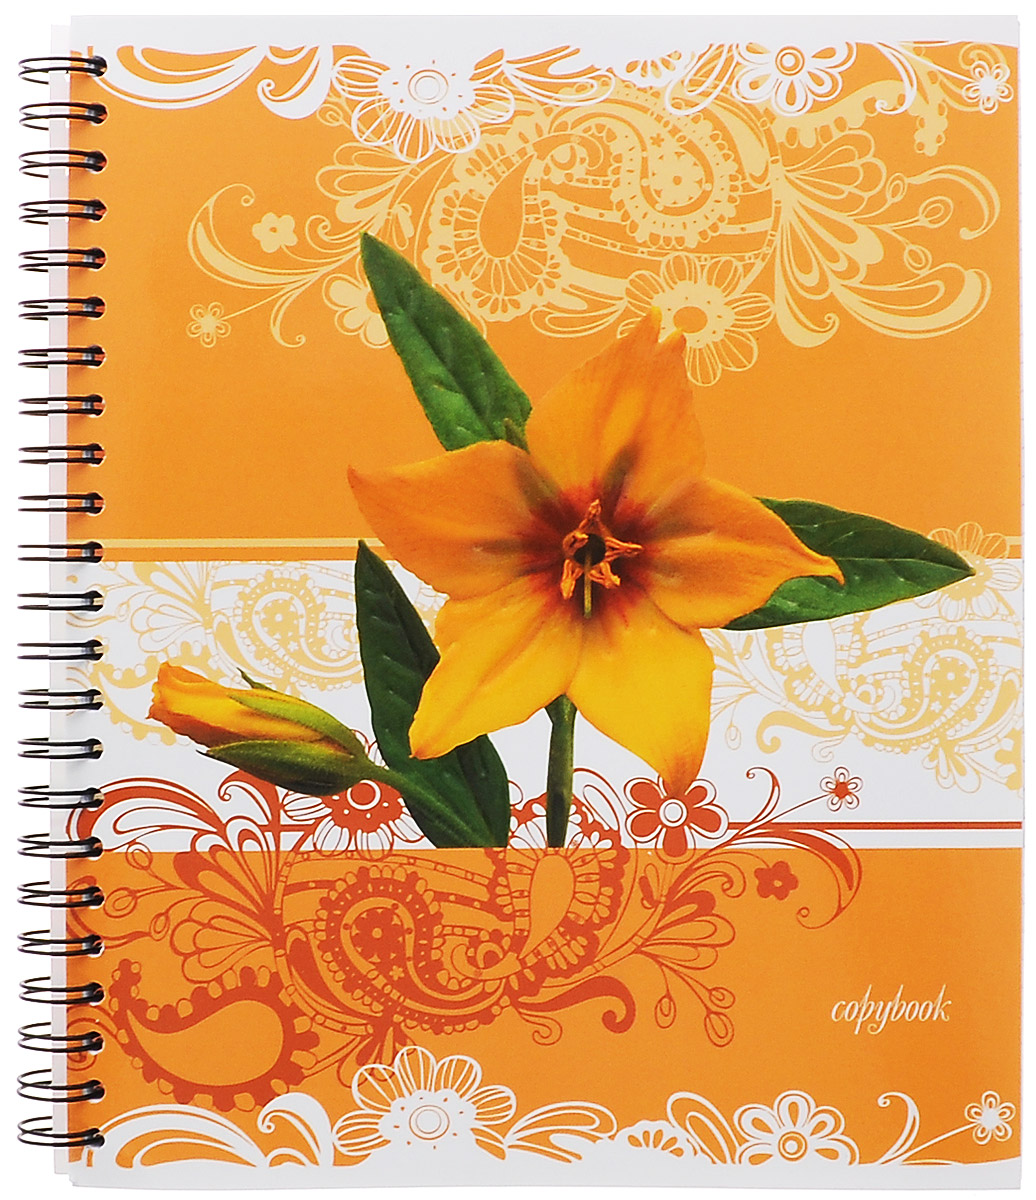 Полиграфика Тетрадь в клетку Цветы, цвет: желтый, 96 листов37637Тетрадь Полиграфика Цветы представлена в формате А5. Тетрадь в глянцевой обложке с рельефным тиснением и изображением желтого цветка. Внутренний блок состоит из 96 листов со стандартной линовкой в клетку без полей на стальном гребне. Такое практичное и надежное крепление позволяет вырывать листы и полностью открывать тетрадь на столе.Вне зависимости от профессии и рода деятельности у человека часто возникает потребность сделать какие-либо заметки. Именно поэтому всегда удобно иметь эту тетрадь под рукой, особенно если вы творческая личность и постоянно генерируете новые идеи.